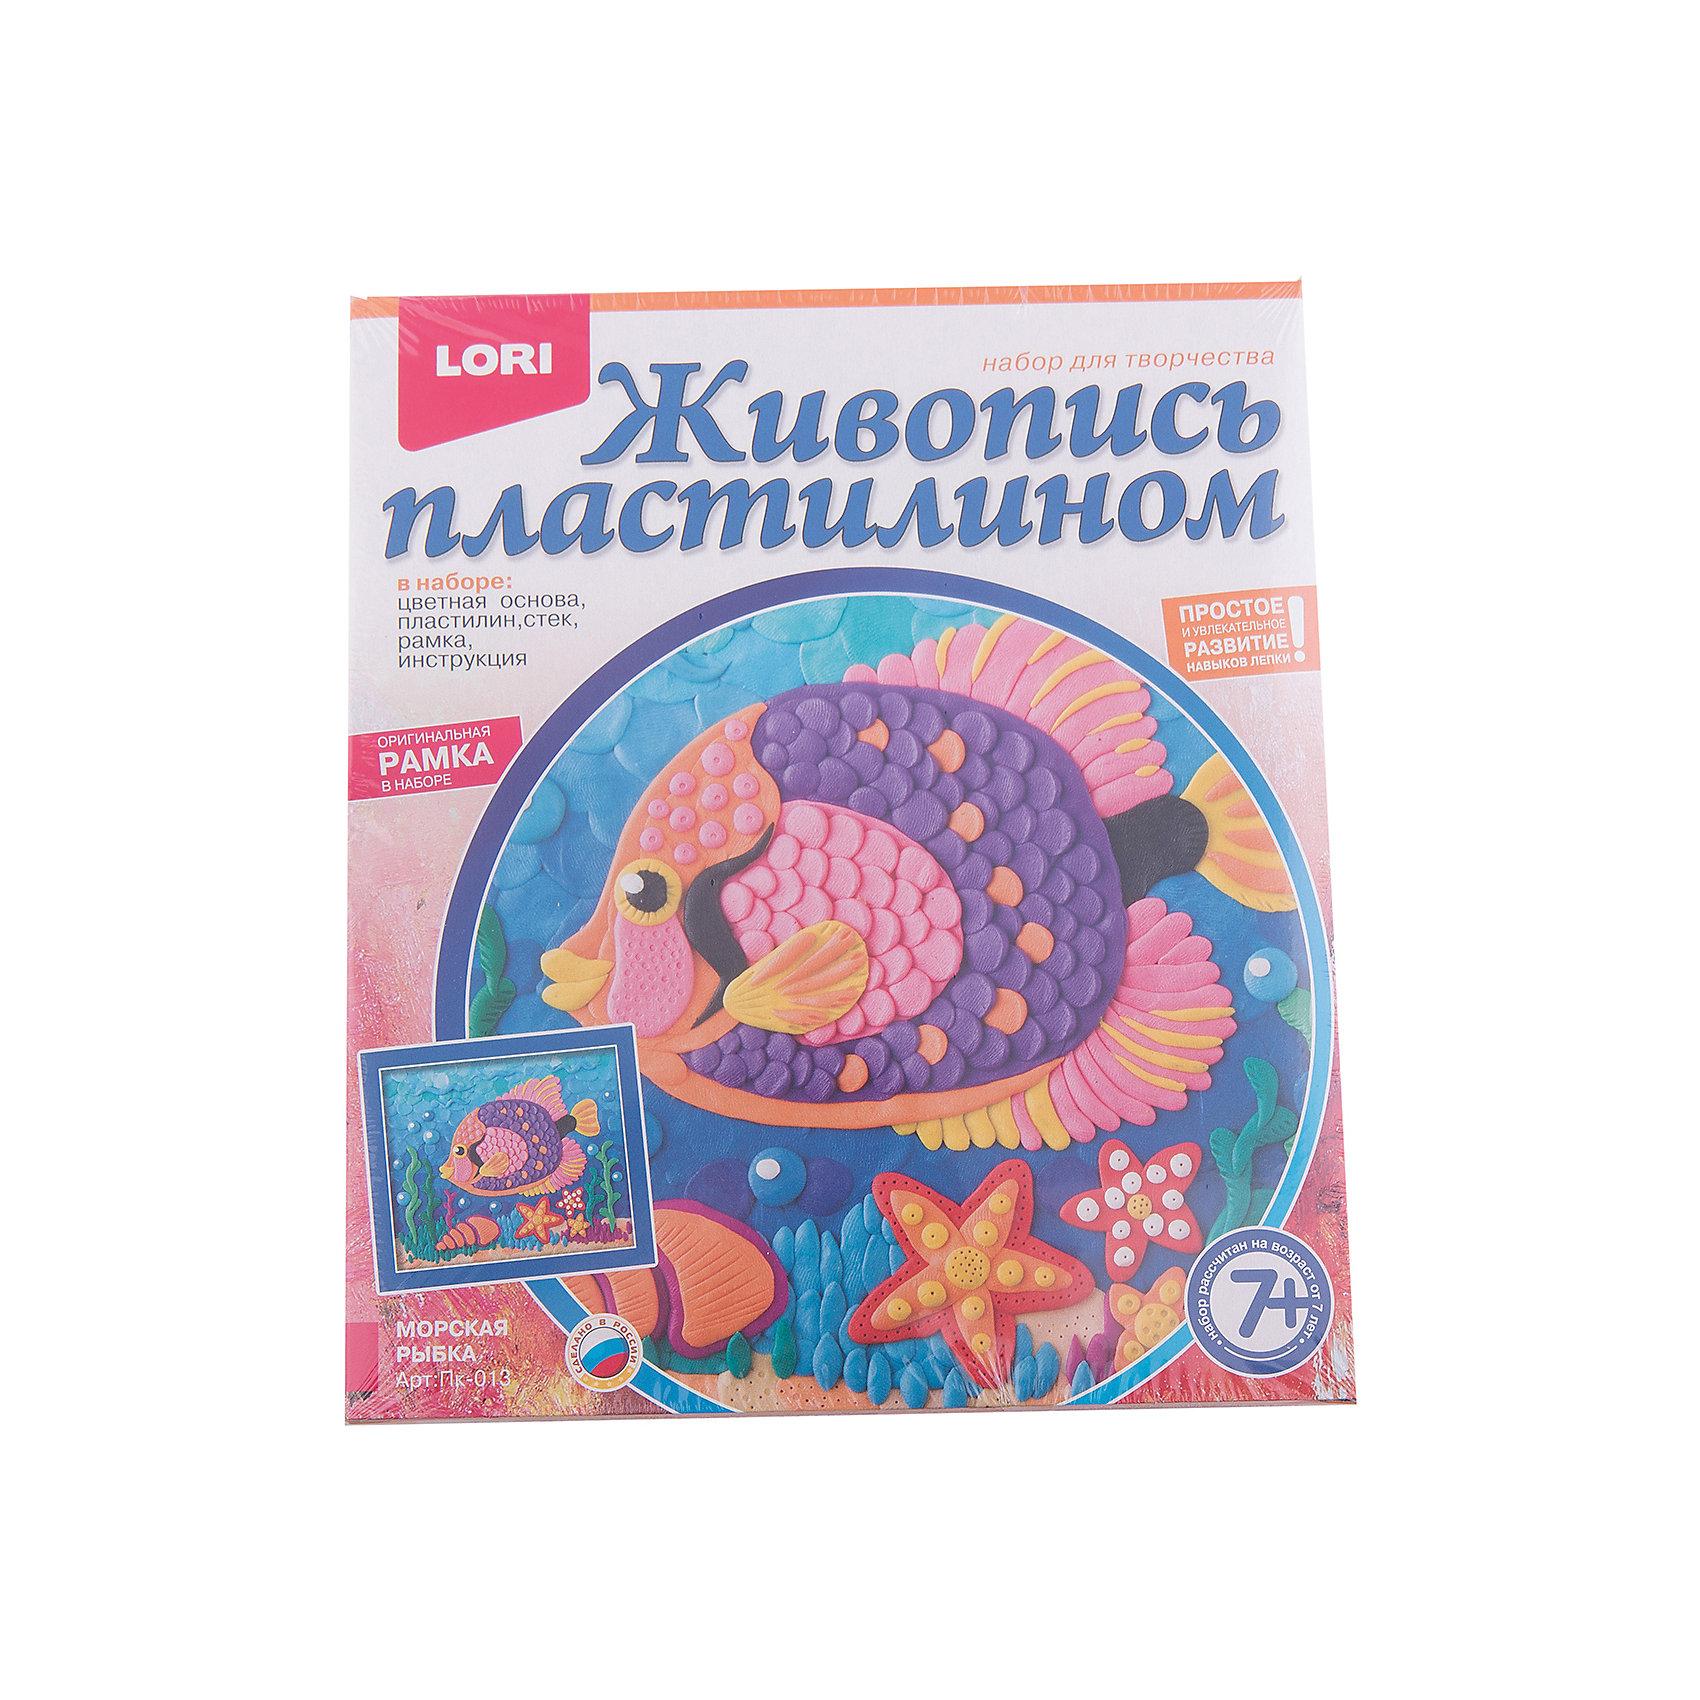 Живопись пластилином Морская рыбка, LORIЖивопись пластилином Морская рыбка, Lori - увлекательный набор для детского творчества, который поможет Вашему ребенку развить свои творческие способности. С помощью цветной основы и пластилина разных цветов он сможет создать красочную картинку с изображением нарядной морской рыбки. Процесс создания картинки не сложен, но увлекателен - пластилин нужно скатывать в шарики и наносить мазками на основу-шаблон. Картинка украсит комнату ребенка или станет подарком, сделанным собственными руками для его друзей и родственников. Набор способствует развитию творческих способностей, образного мышления, воображения, мелкой моторики рук и усидчивости.<br><br>Дополнительная информация:<br><br>- В комплекте: цветная основа, пластилин, стек, рамка, инструкция. <br>- Материал: пластилин.<br>- Размер картинки: 18 x 21 см.<br>- Размер упаковки: 20 x 23 x 4 см.<br>- Вес: 0,2 кг.<br><br>Живопись пластилином Морская рыбка, Lori можно купить в нашем интернет-магазине.<br><br>Ширина мм: 200<br>Глубина мм: 230<br>Высота мм: 40<br>Вес г: 238<br>Возраст от месяцев: 84<br>Возраст до месяцев: 156<br>Пол: Унисекс<br>Возраст: Детский<br>SKU: 3970831